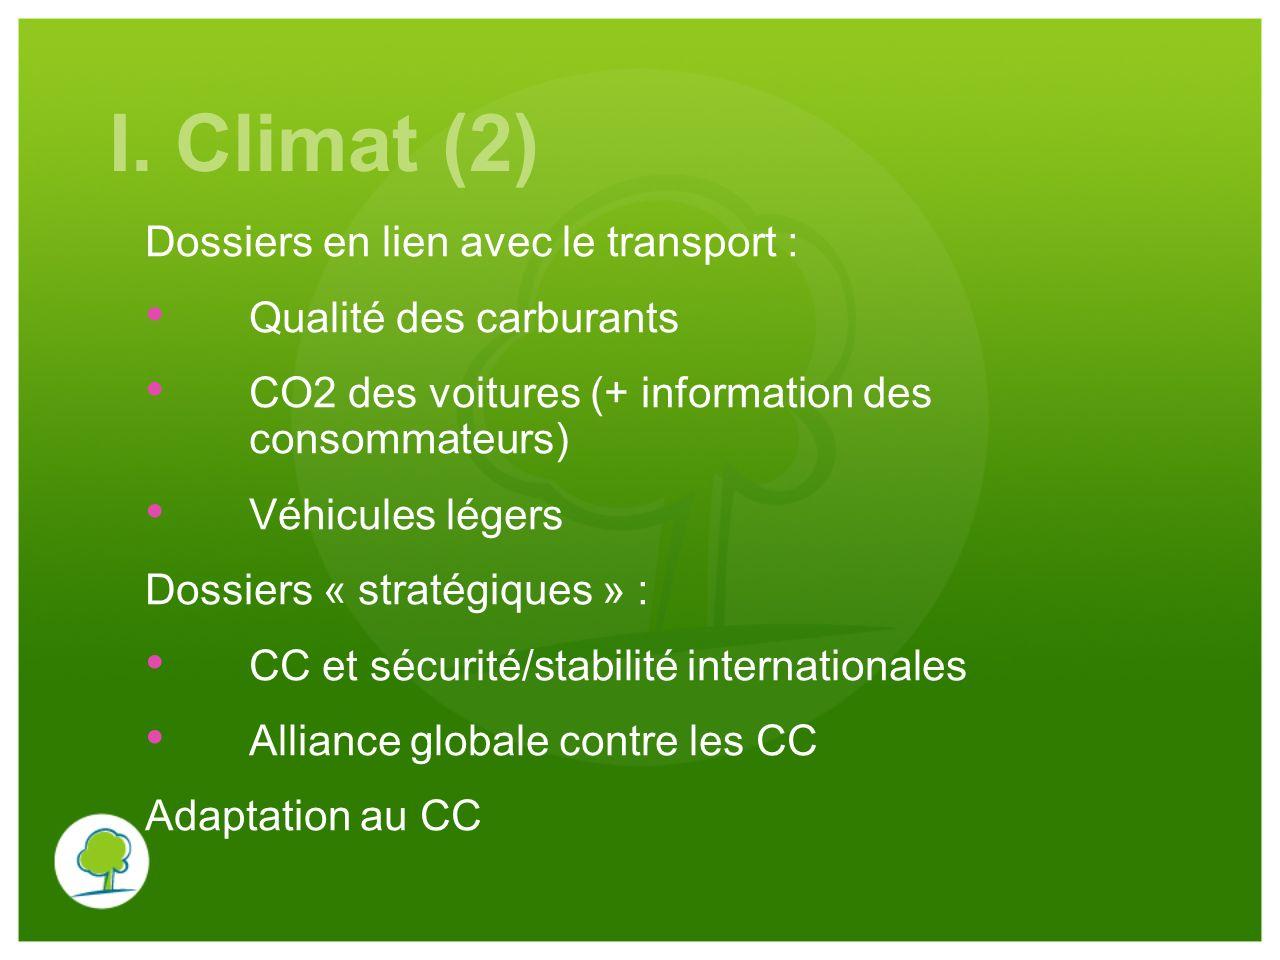 I. Climat (2) Dossiers en lien avec le transport : Qualité des carburants CO2 des voitures (+ information des consommateurs) Véhicules légers Dossiers